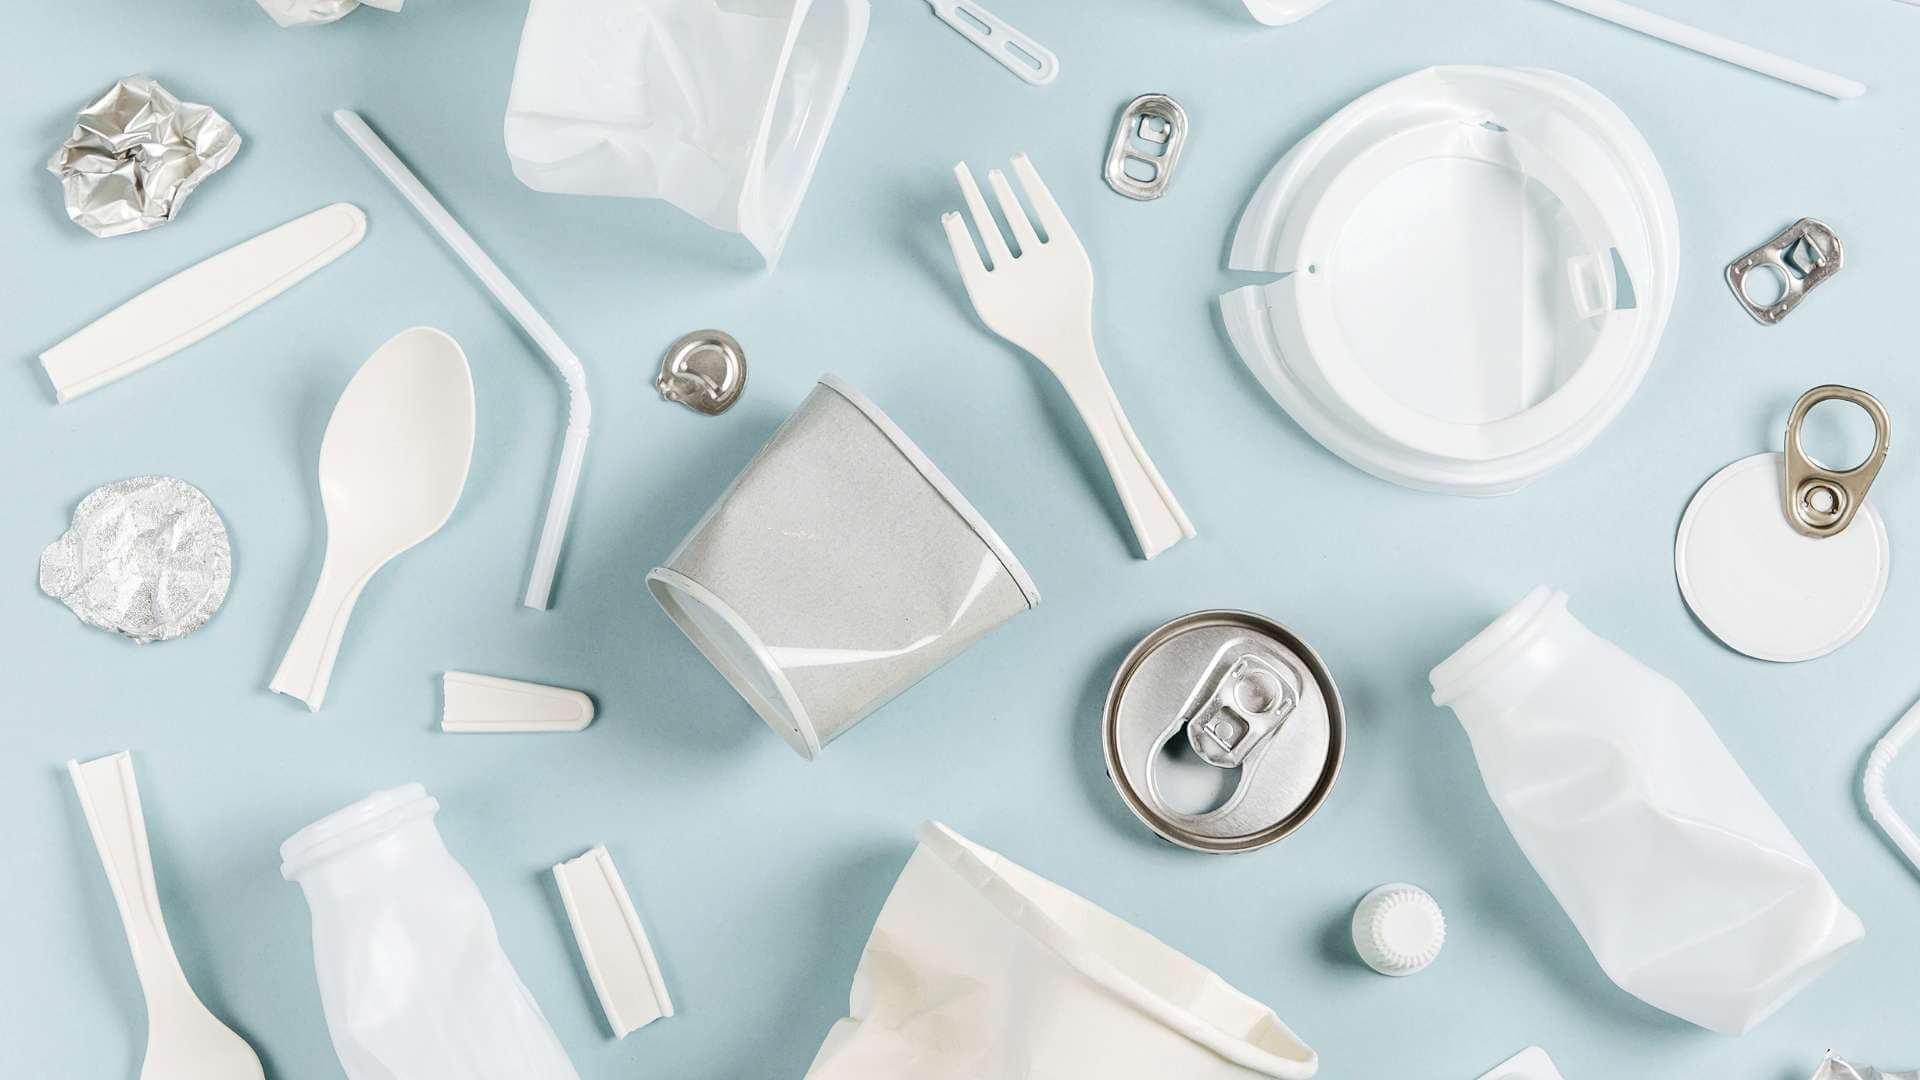 """3 luni până când trebuie să renunțăm la produsele de plastic de unică folosință. Min. Mediului : """"Nu putem să creăm șocuri pe piață!"""""""